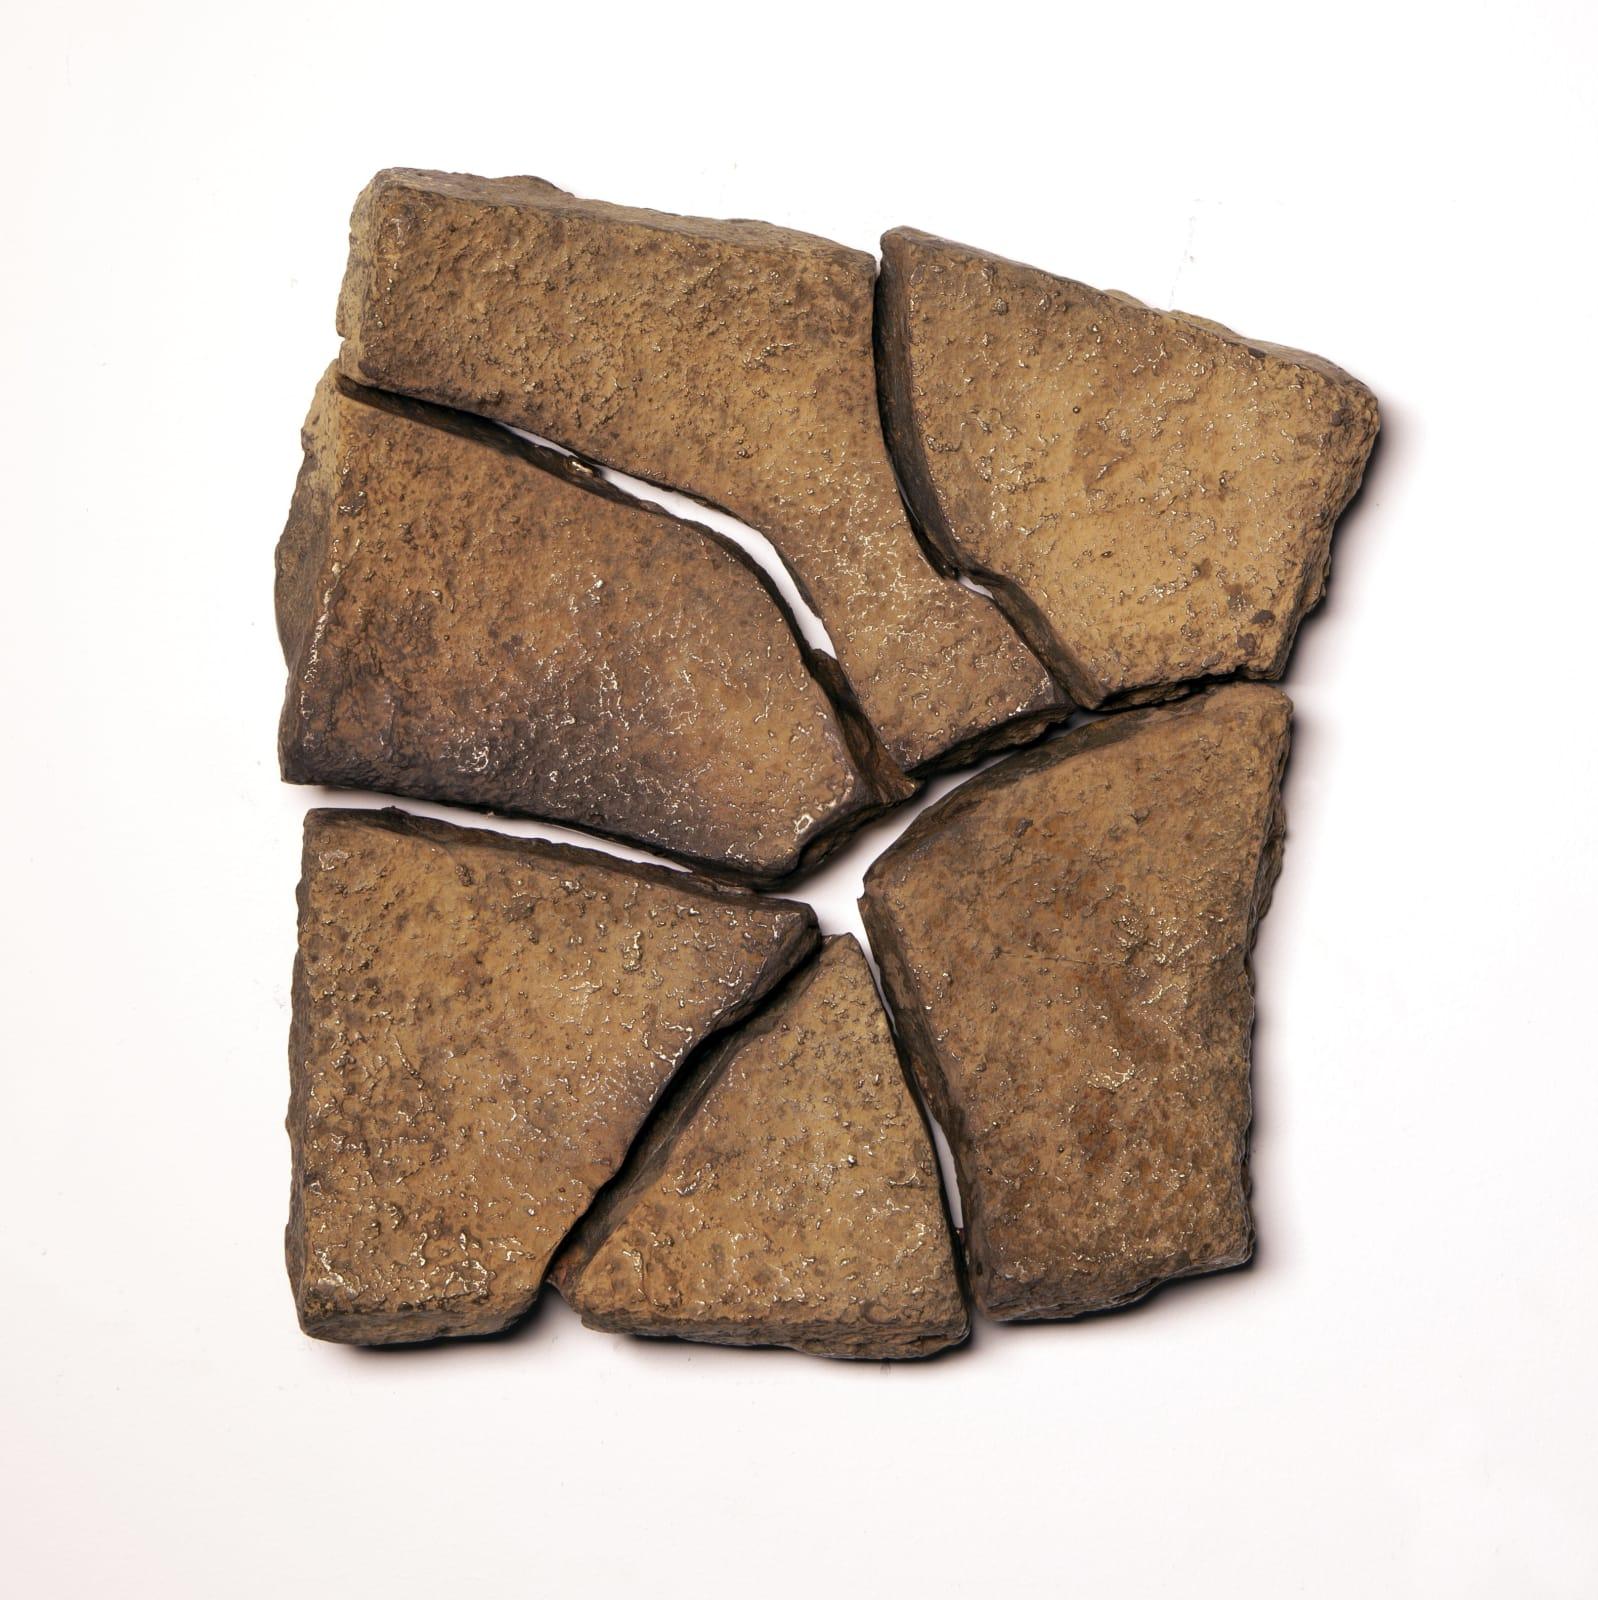 Ella Littwitz Facts on the Ground, 2020 Bronze 21 x 22 x 5 cm 8 1/4 x 8 5/8 x 2 in